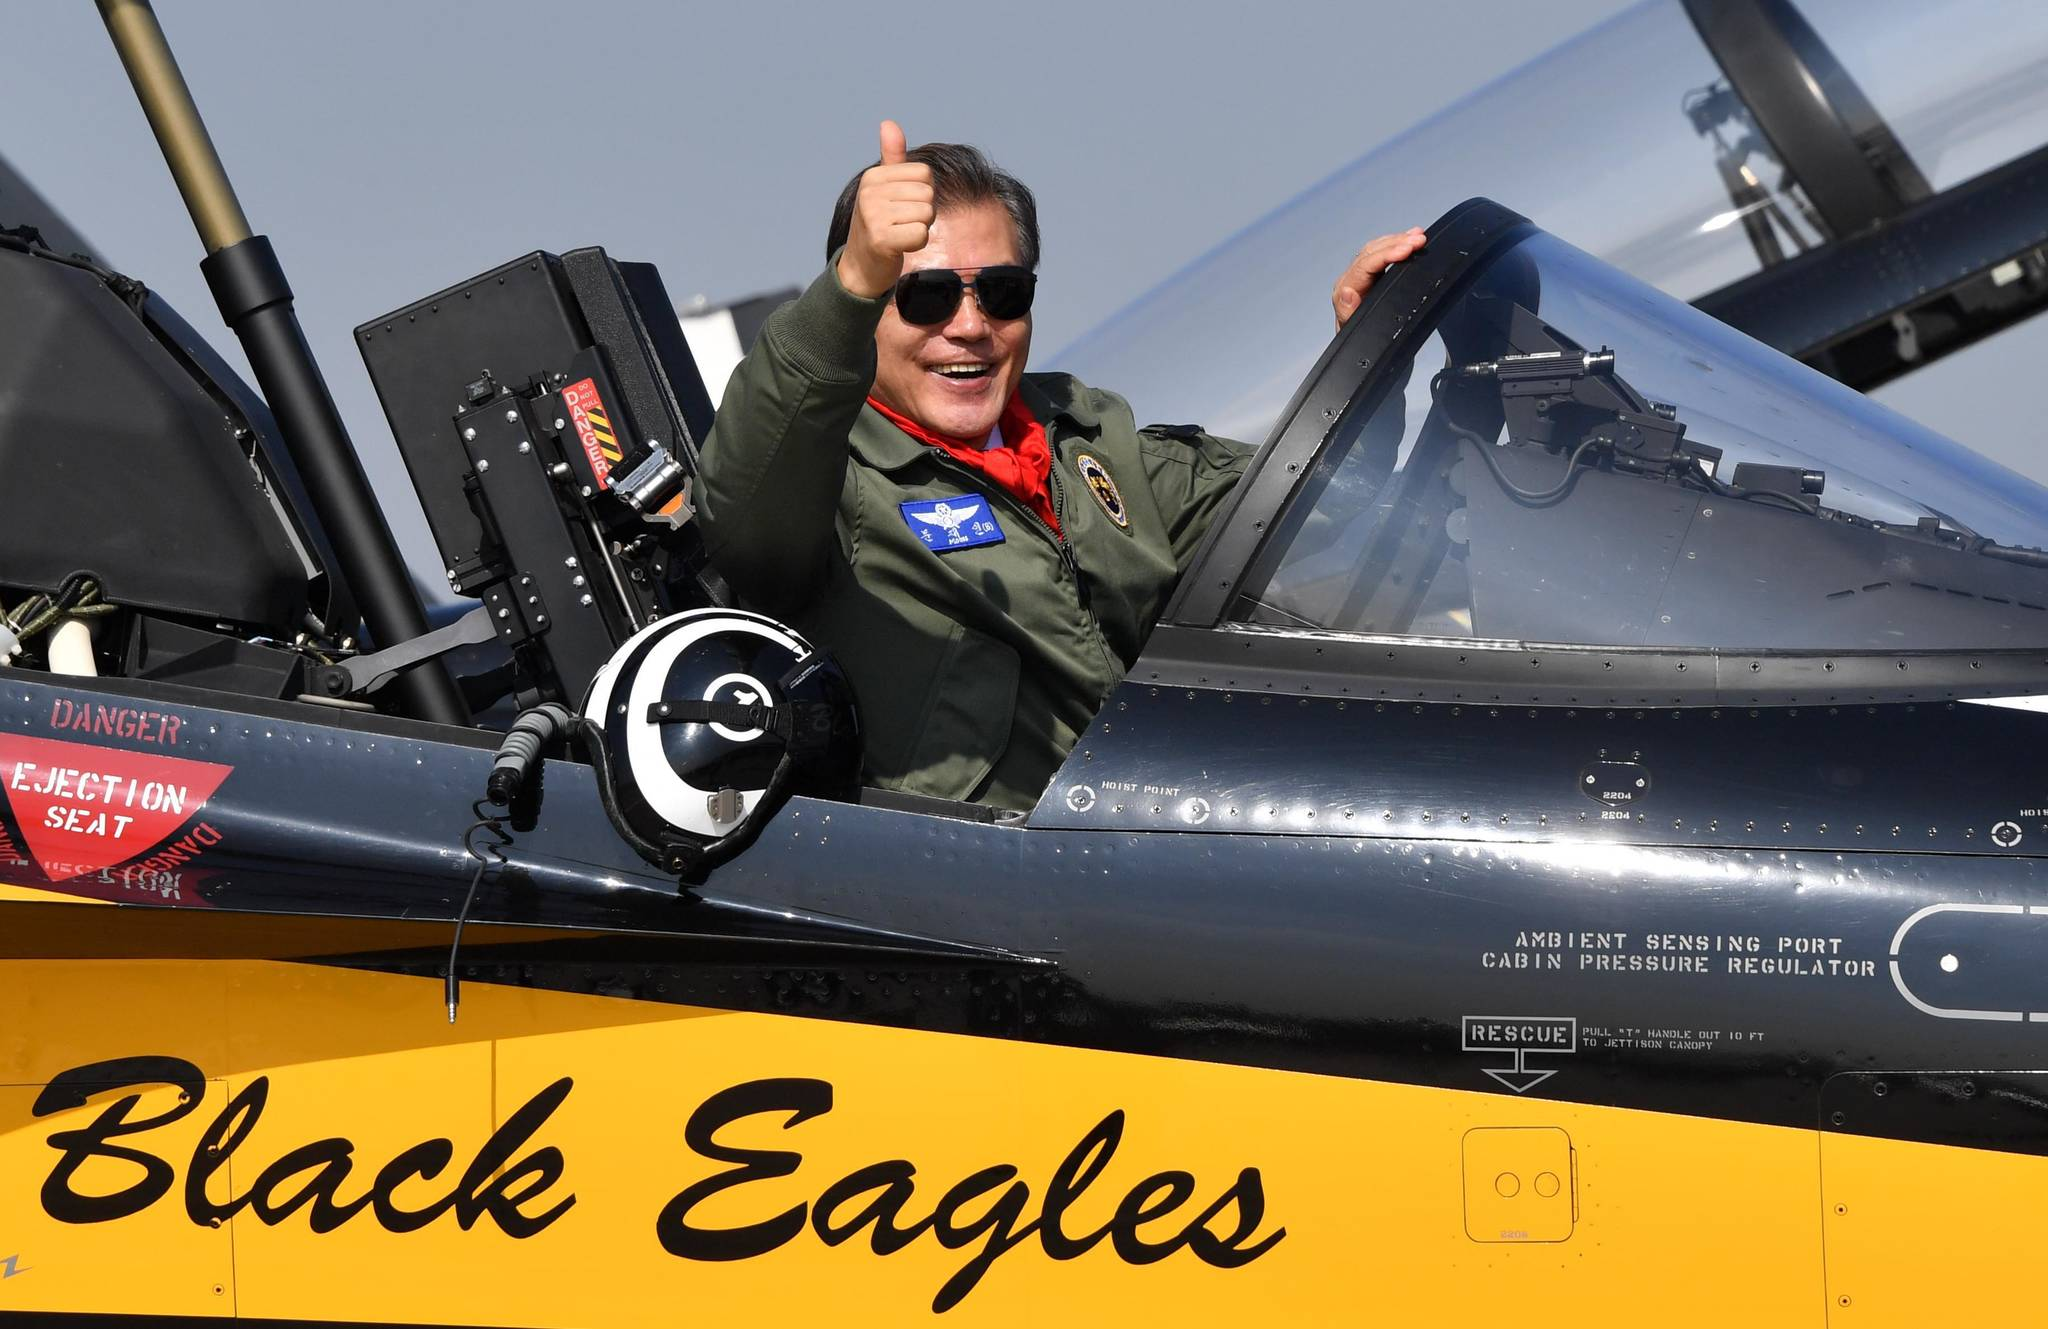 문재인 대통령이 10월 17일 오전 성남 서울공항에서 열린 '서울 ADEX 2017' 국제 항공우주 및 방위산업 전시회 개막식에서 블랙이글스 조종석에 올라 엄지를 치켜세우고 있다.청와대사진기자단